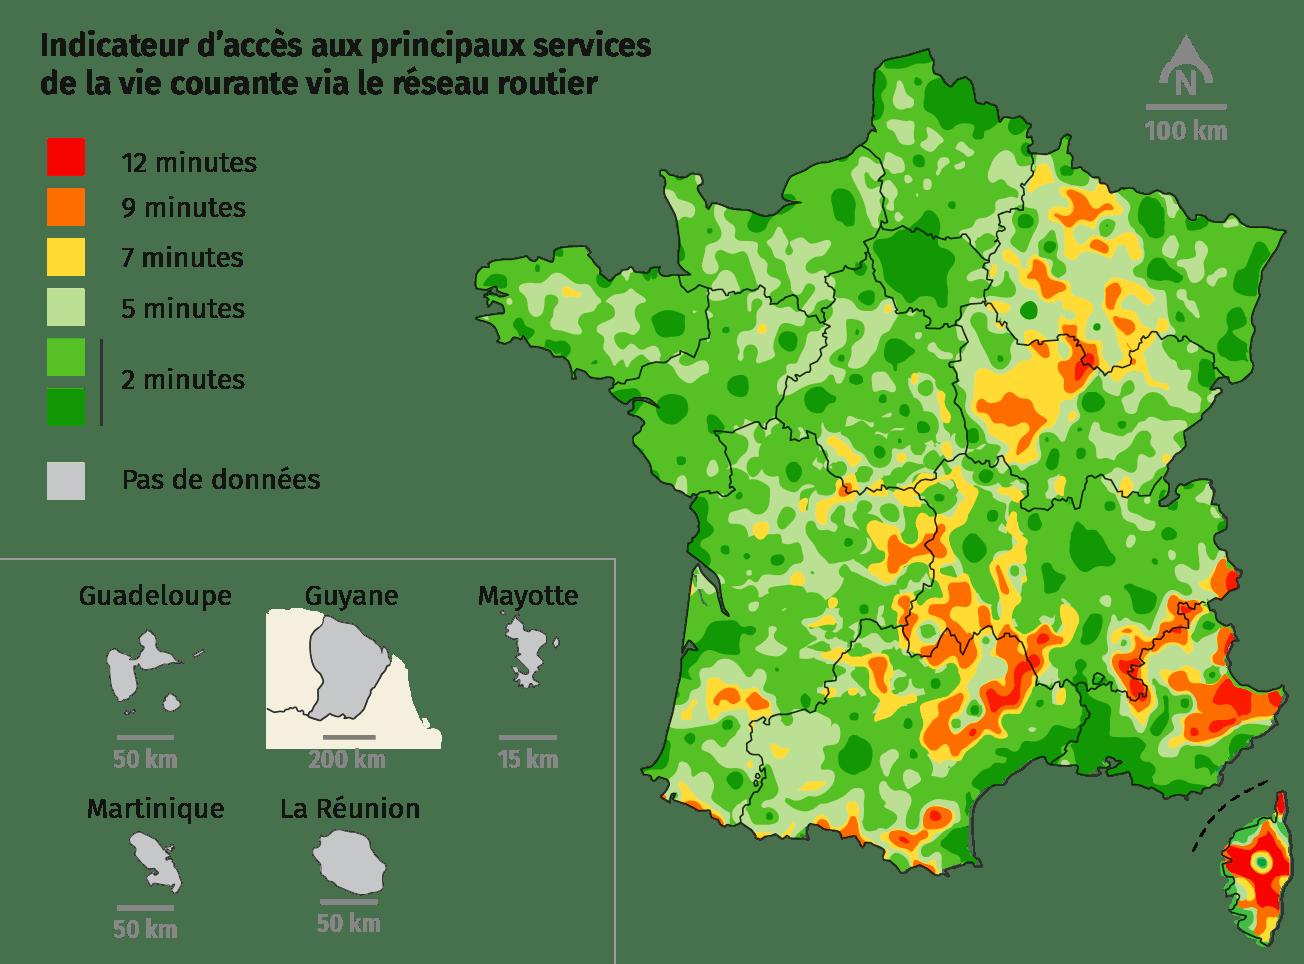 Entretien avec Hélène Jacquet-Monsarrat (Commissariat général à l'égalité des territoires)